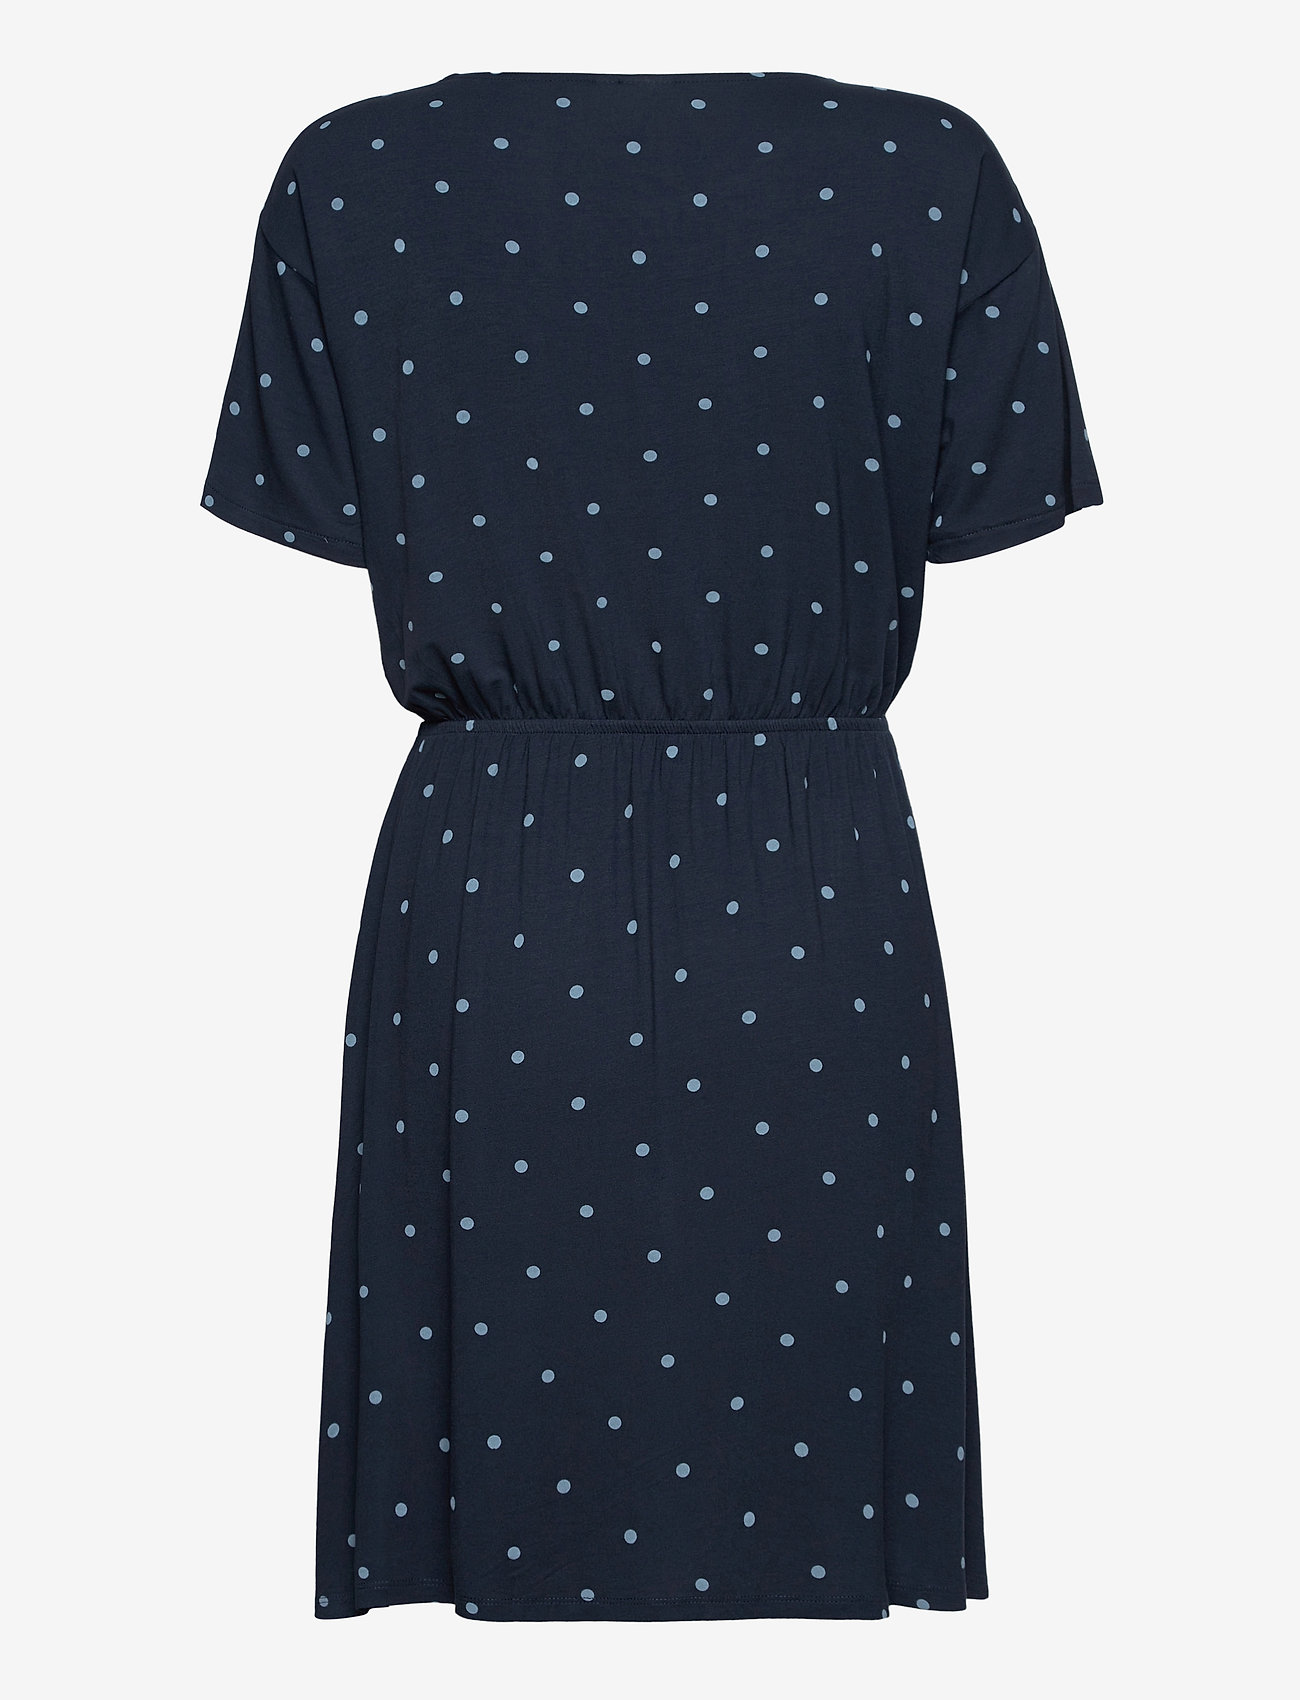 ICHI - IHLISA DR12 - summer dresses - total eclipse - 1